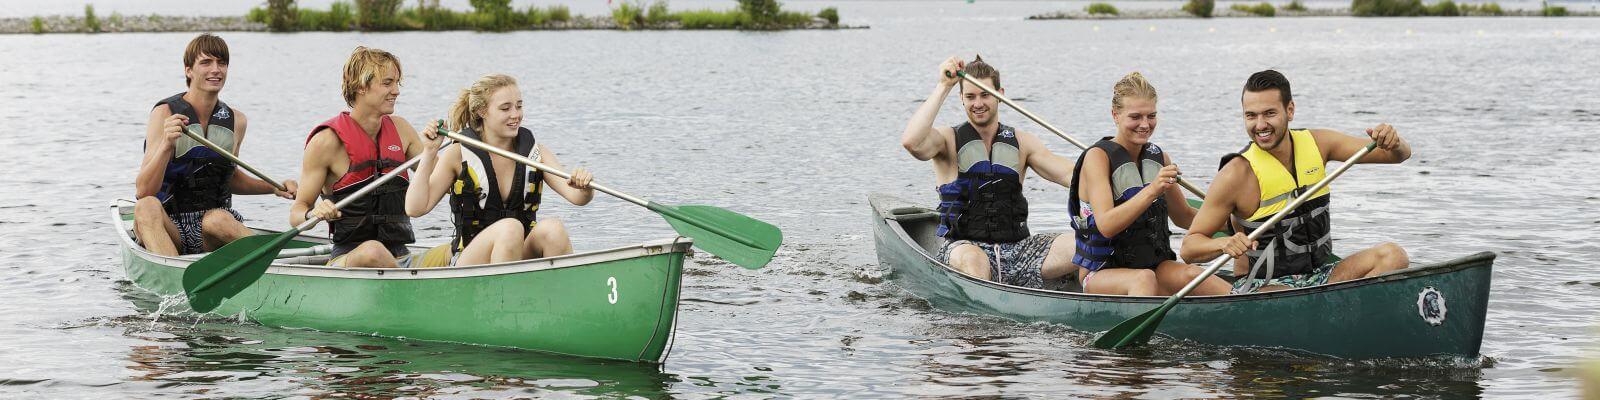 Groepsvakantie kano